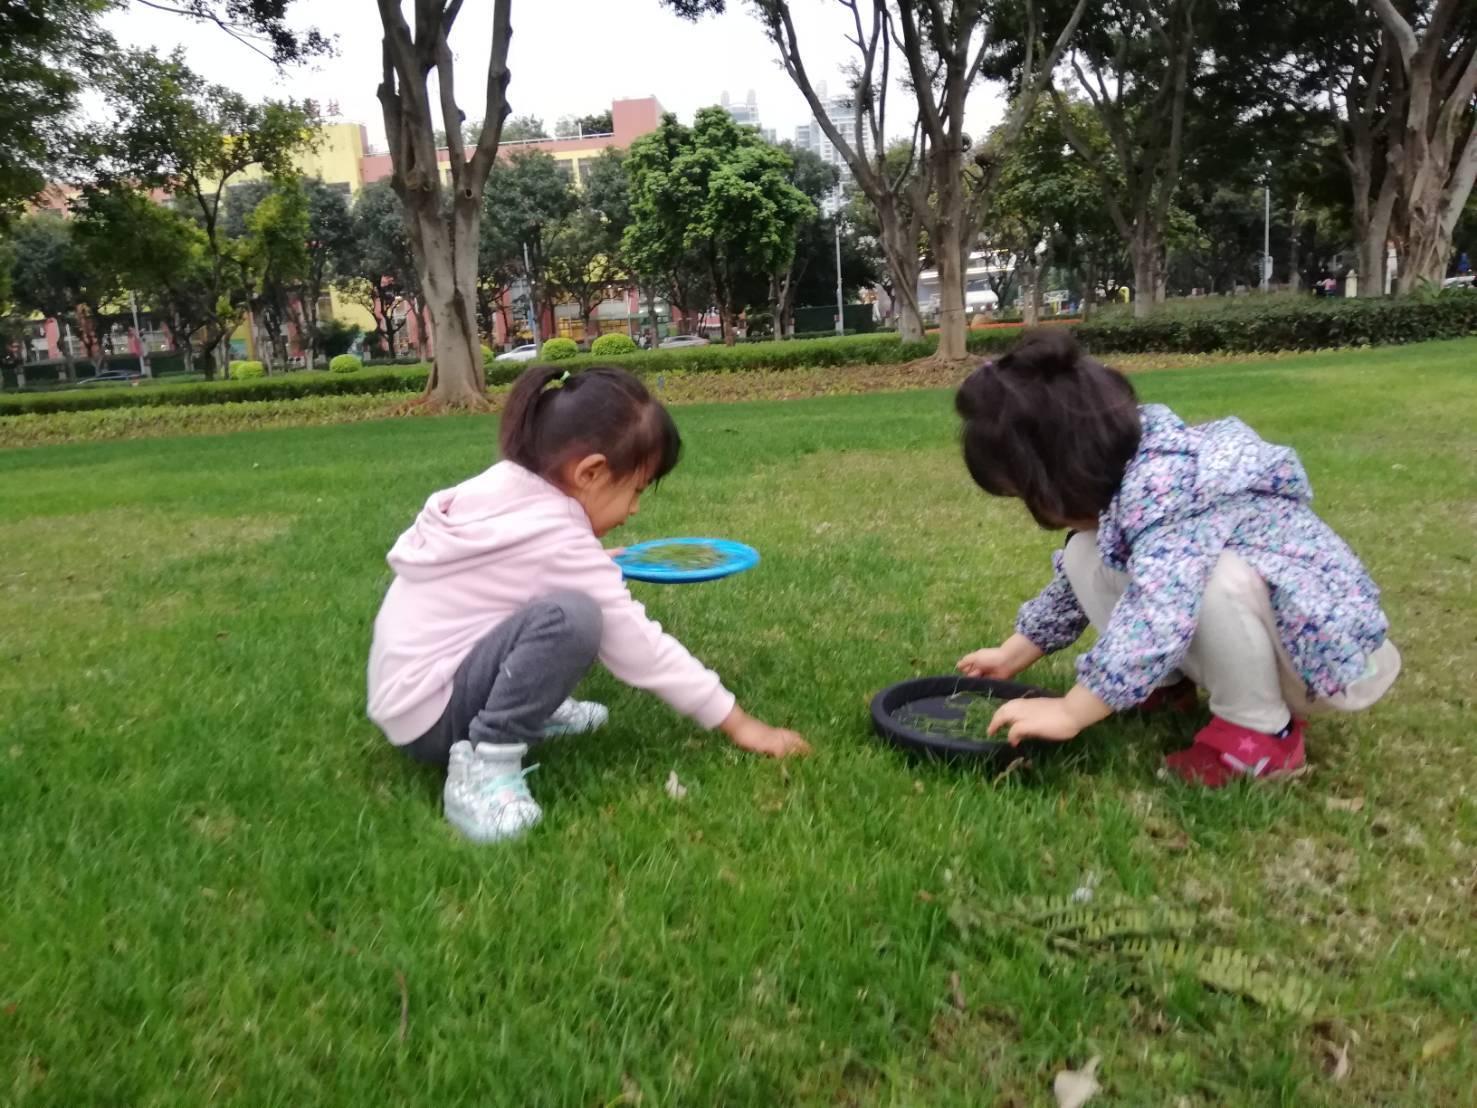 連載:駐在員の妻は見た!中国の教育事情 幼稚園クラスメイトの中国人一家と、ディナーへ